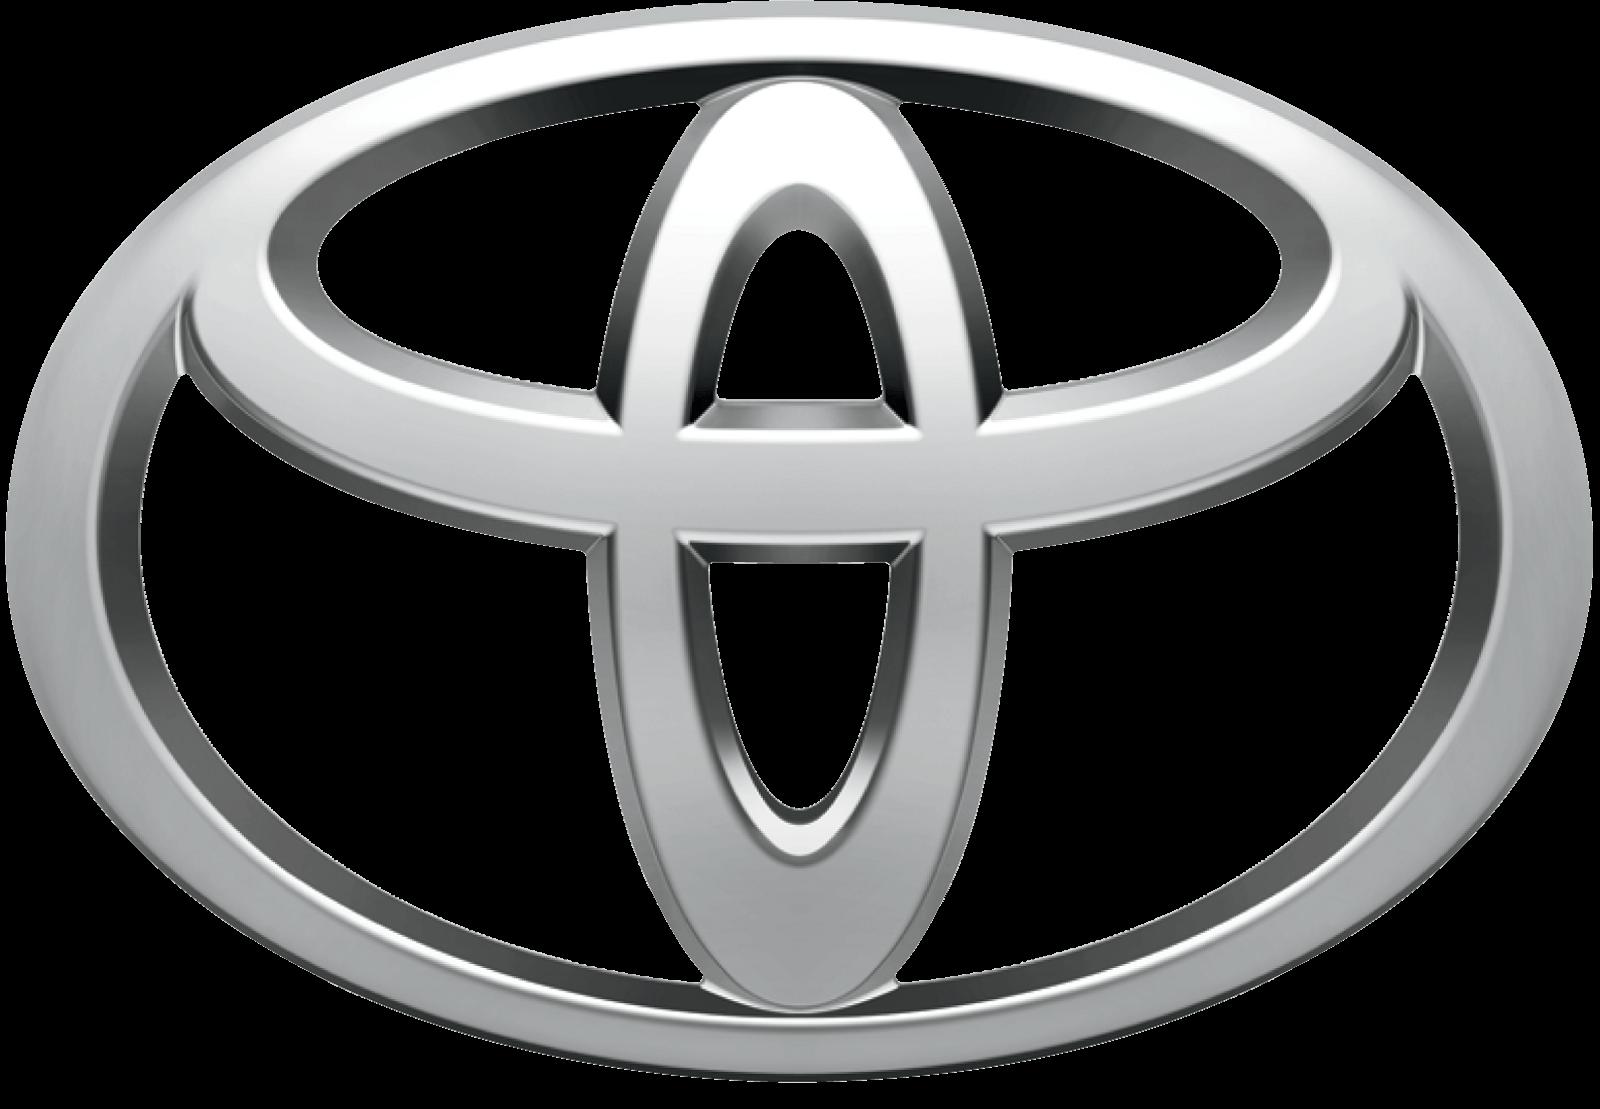 Toyota Prius Car Subaru Lexus.